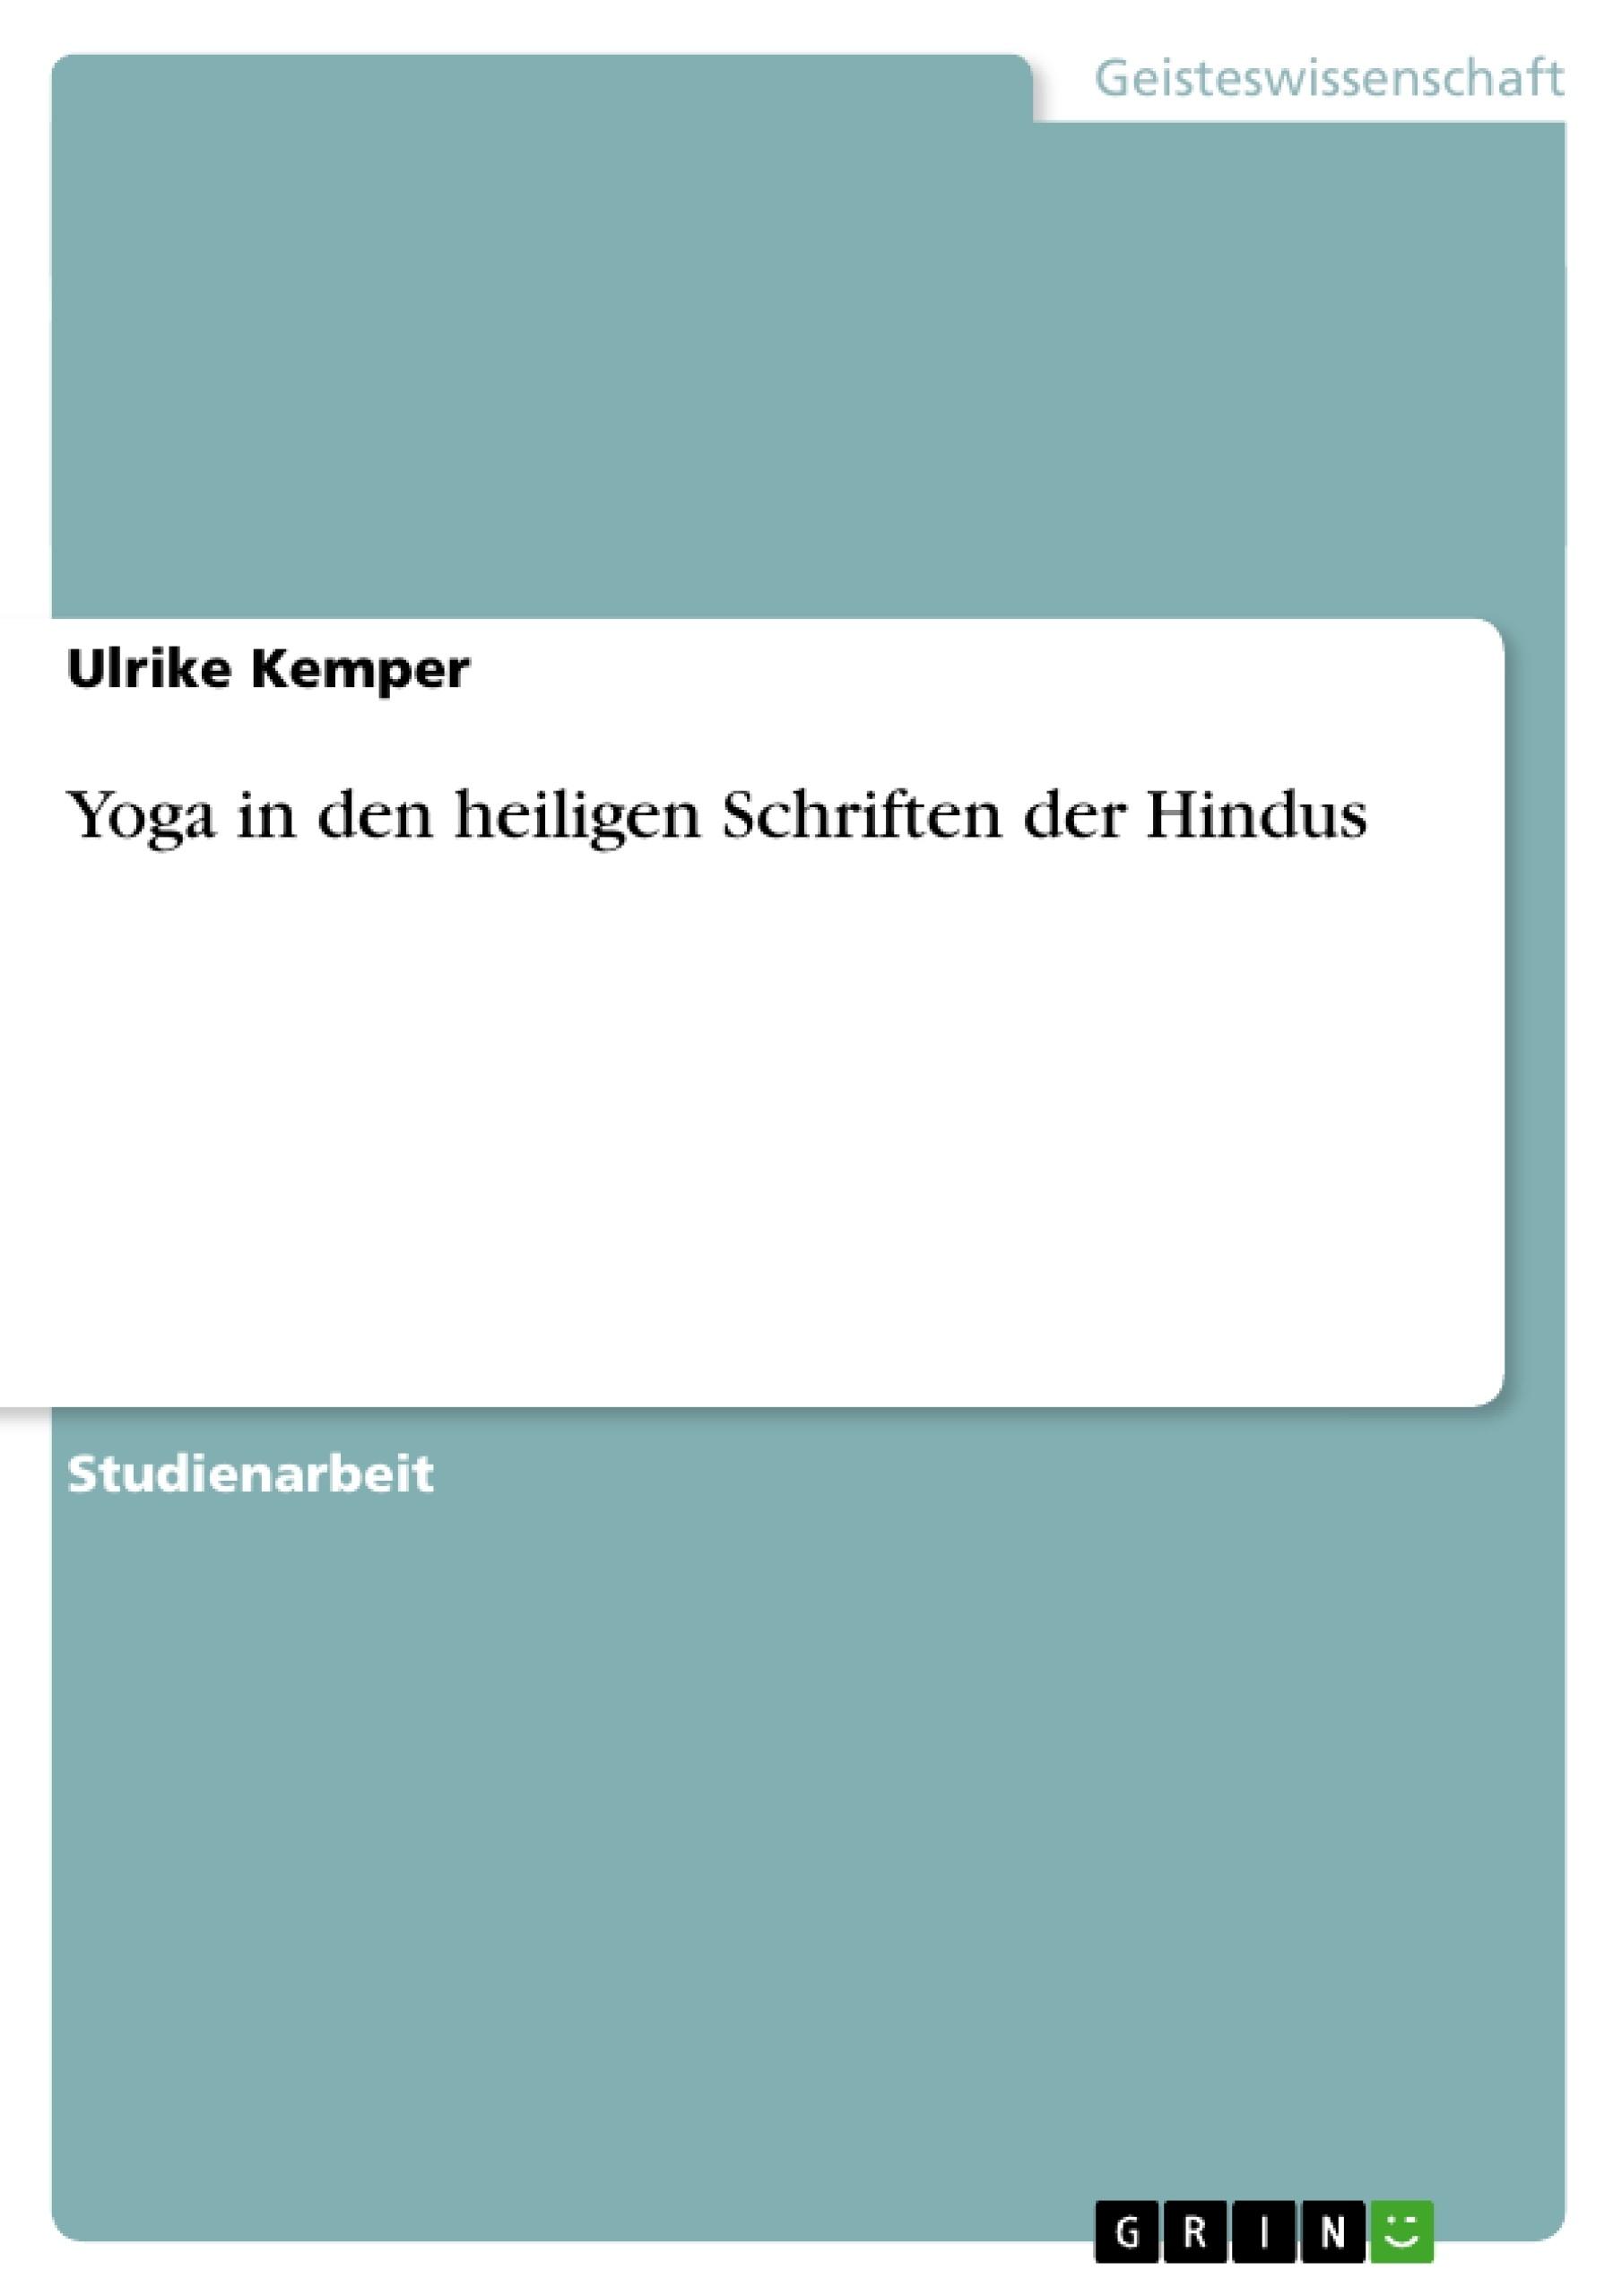 Titel: Yoga in den heiligen Schriften der Hindus